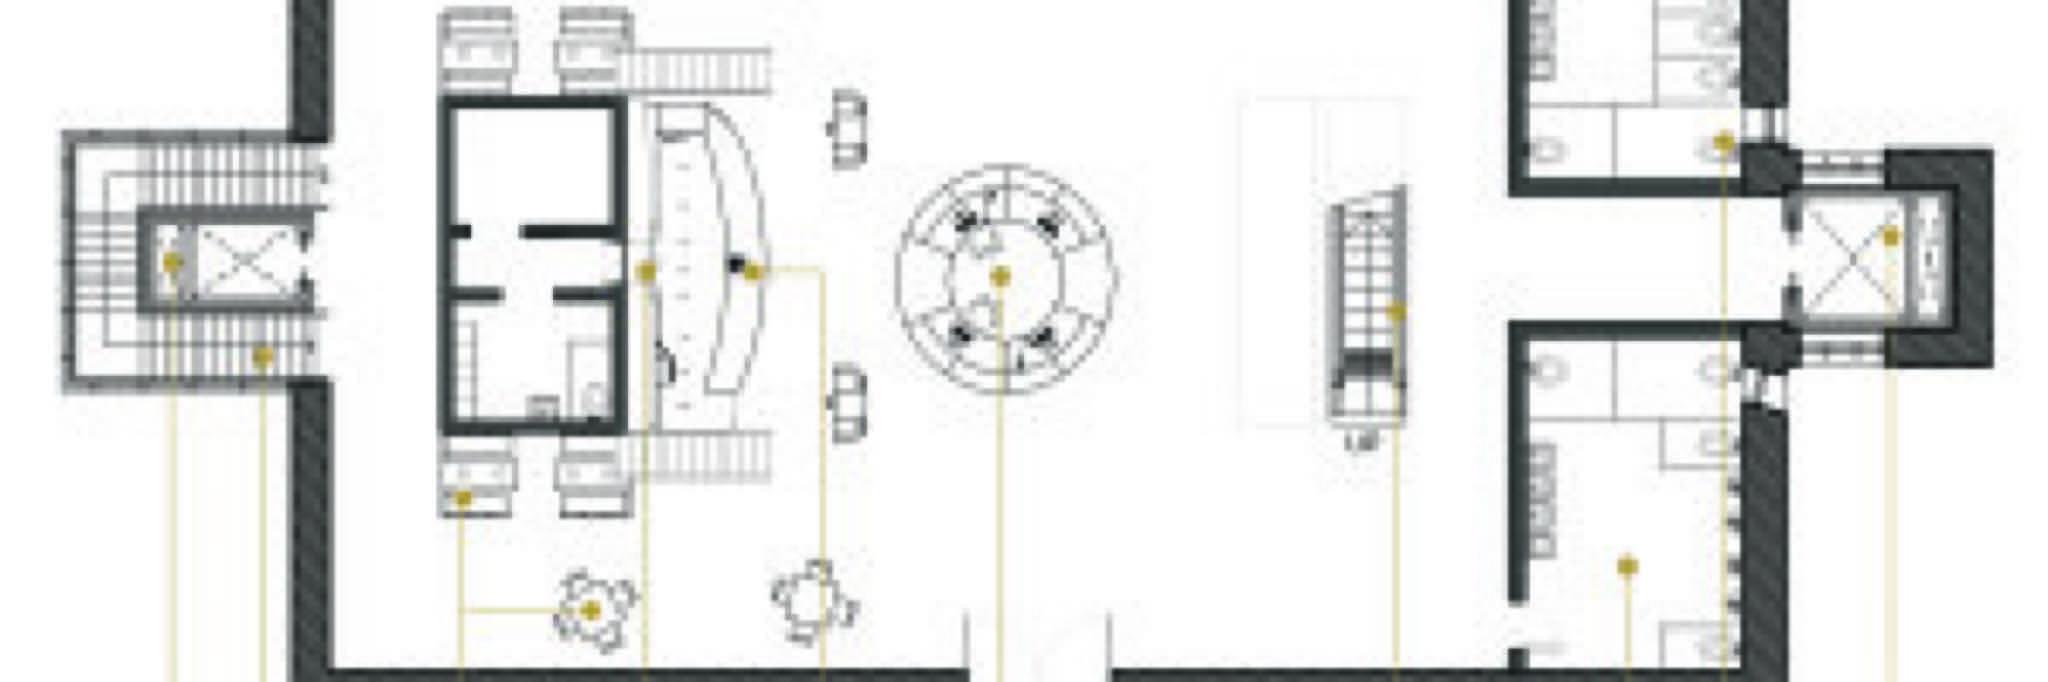 Finalised Floor Plans